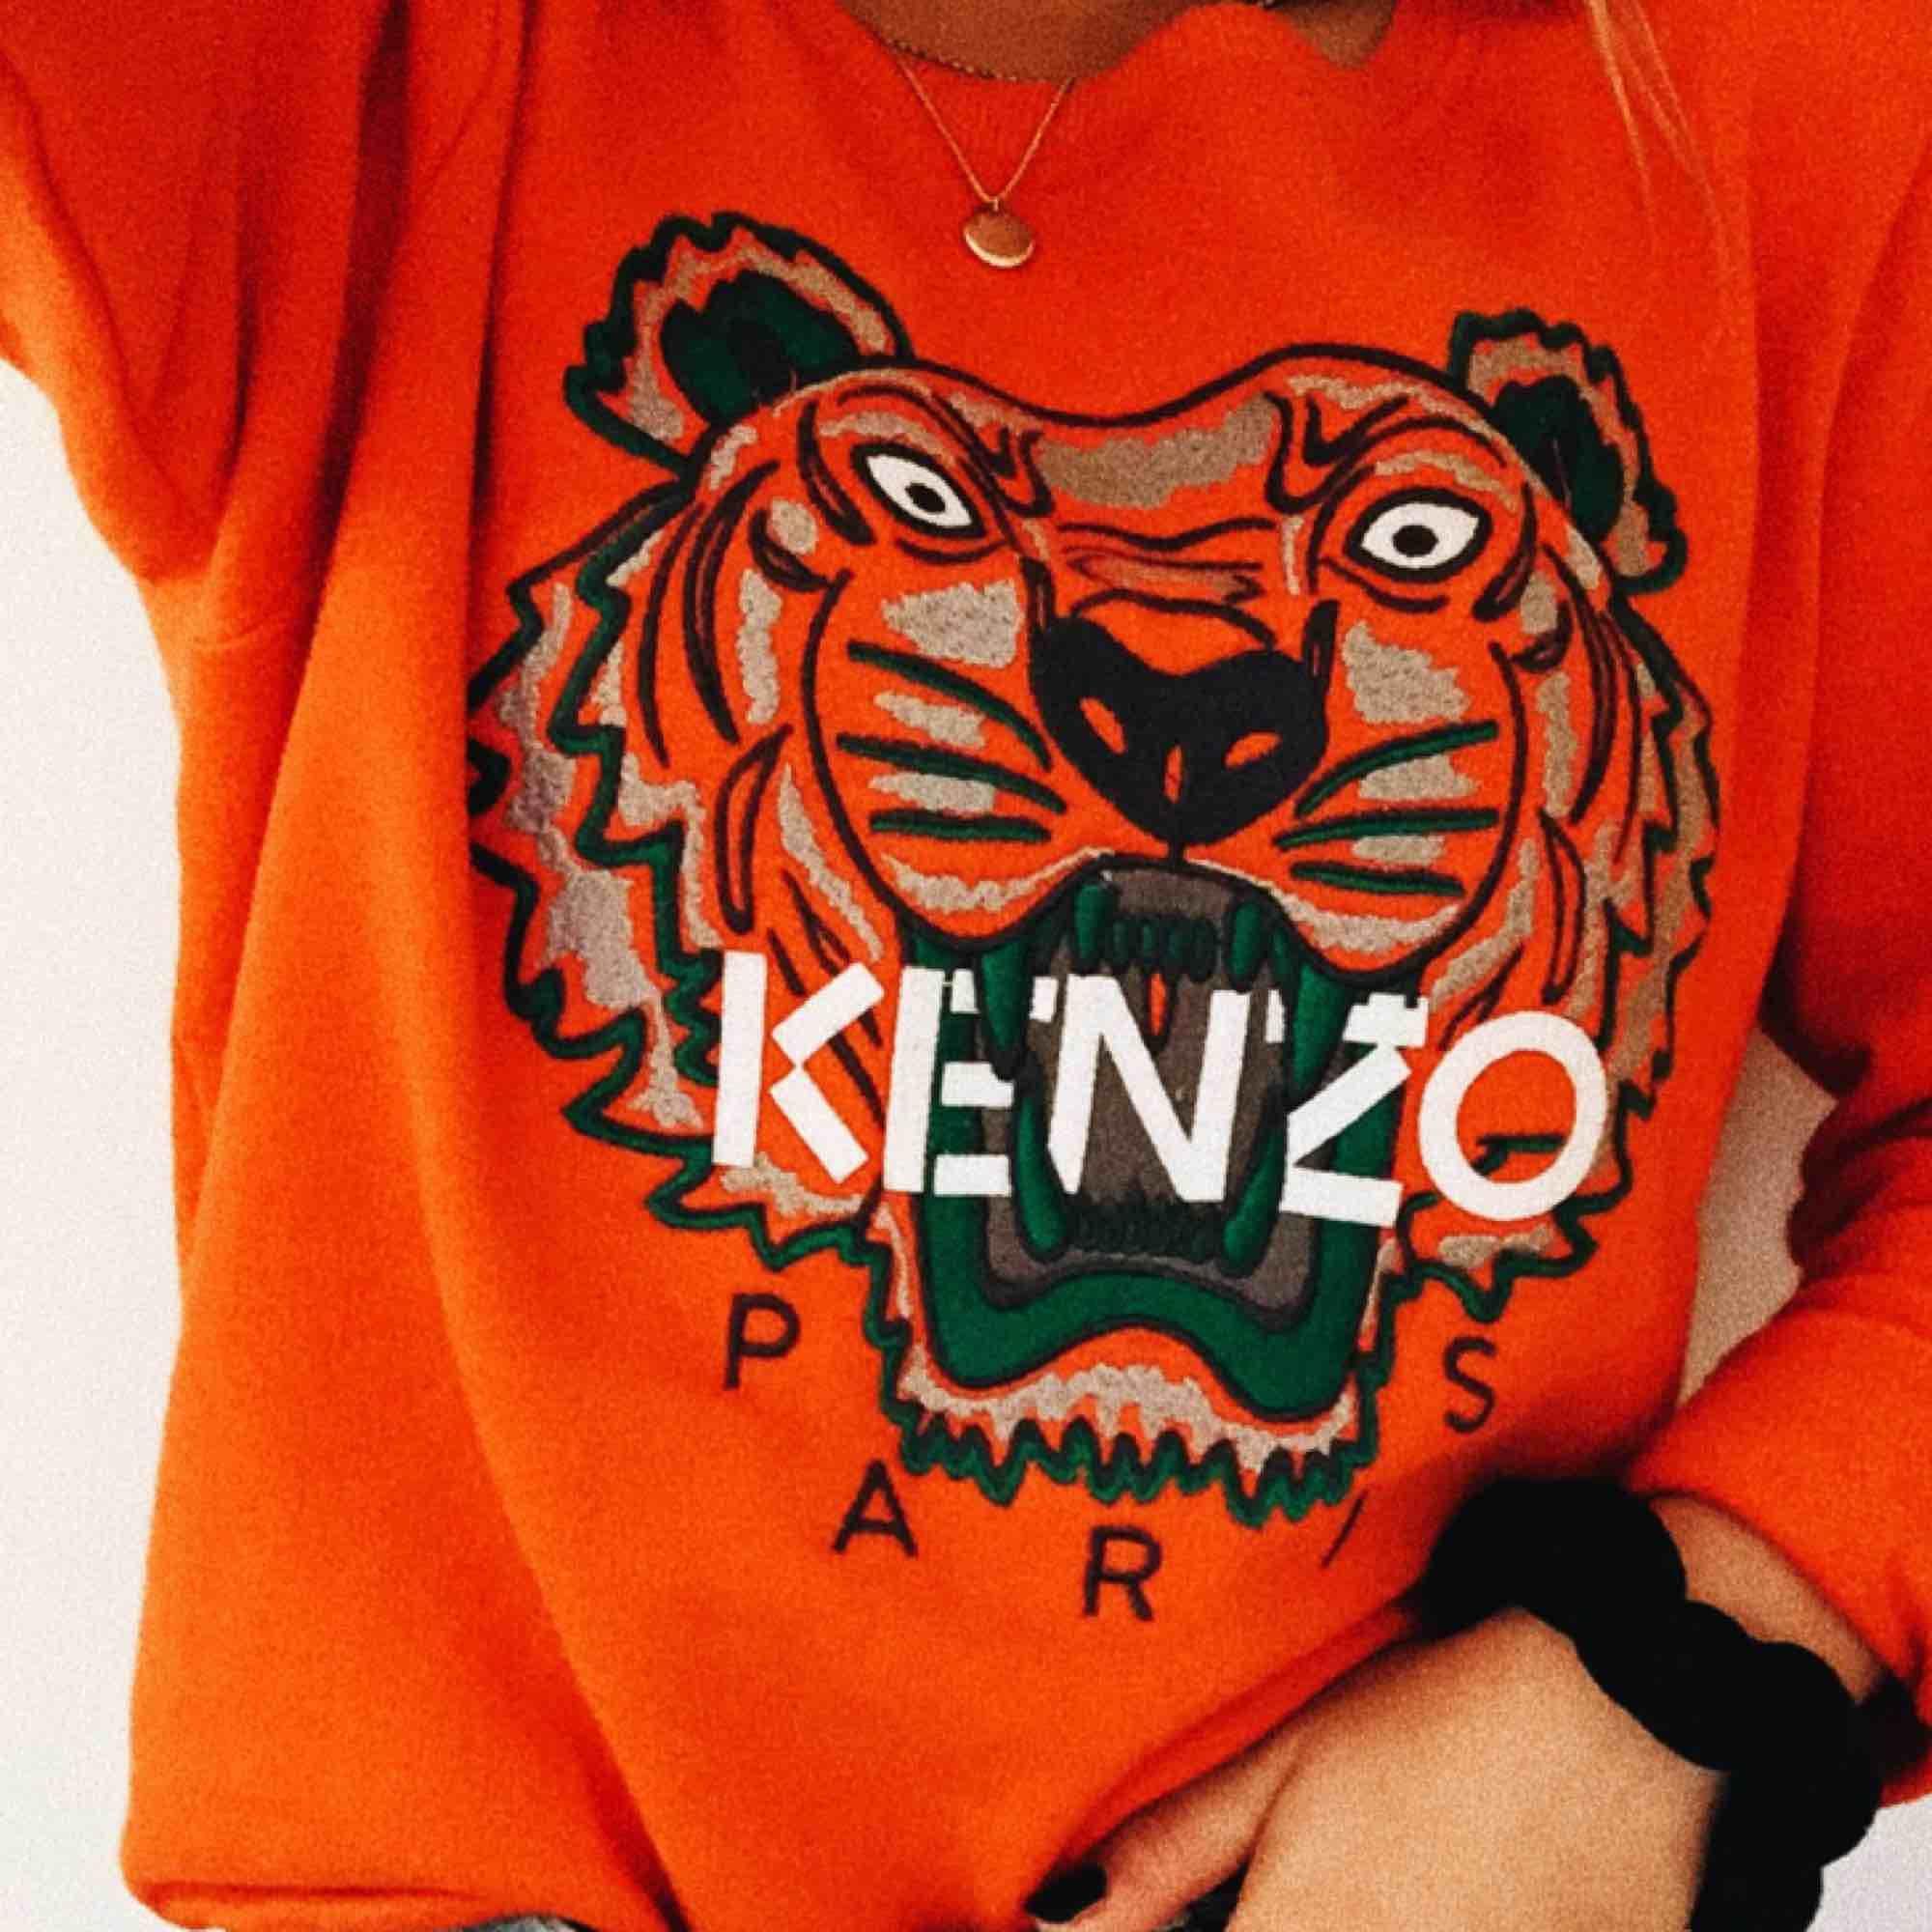 Äkta kenzo tröja, knappt använd. Passar mig som är XS/S.. Tröjor & Koftor.